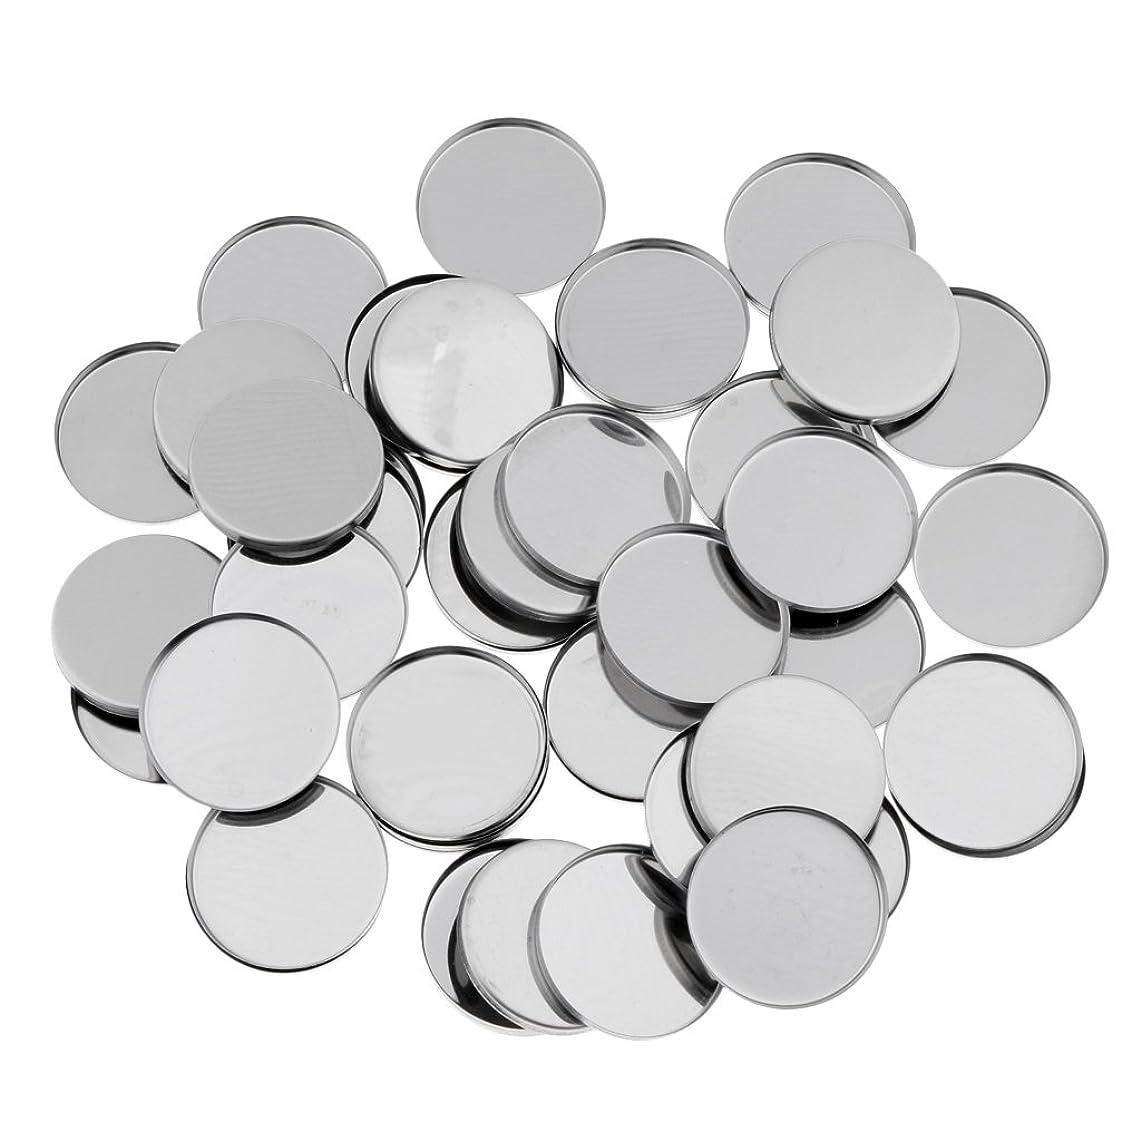 T TOOYFUL 磁気アイシャドウパレットのための50個のラウンド空の金属メーキャップパン36ミリメートル